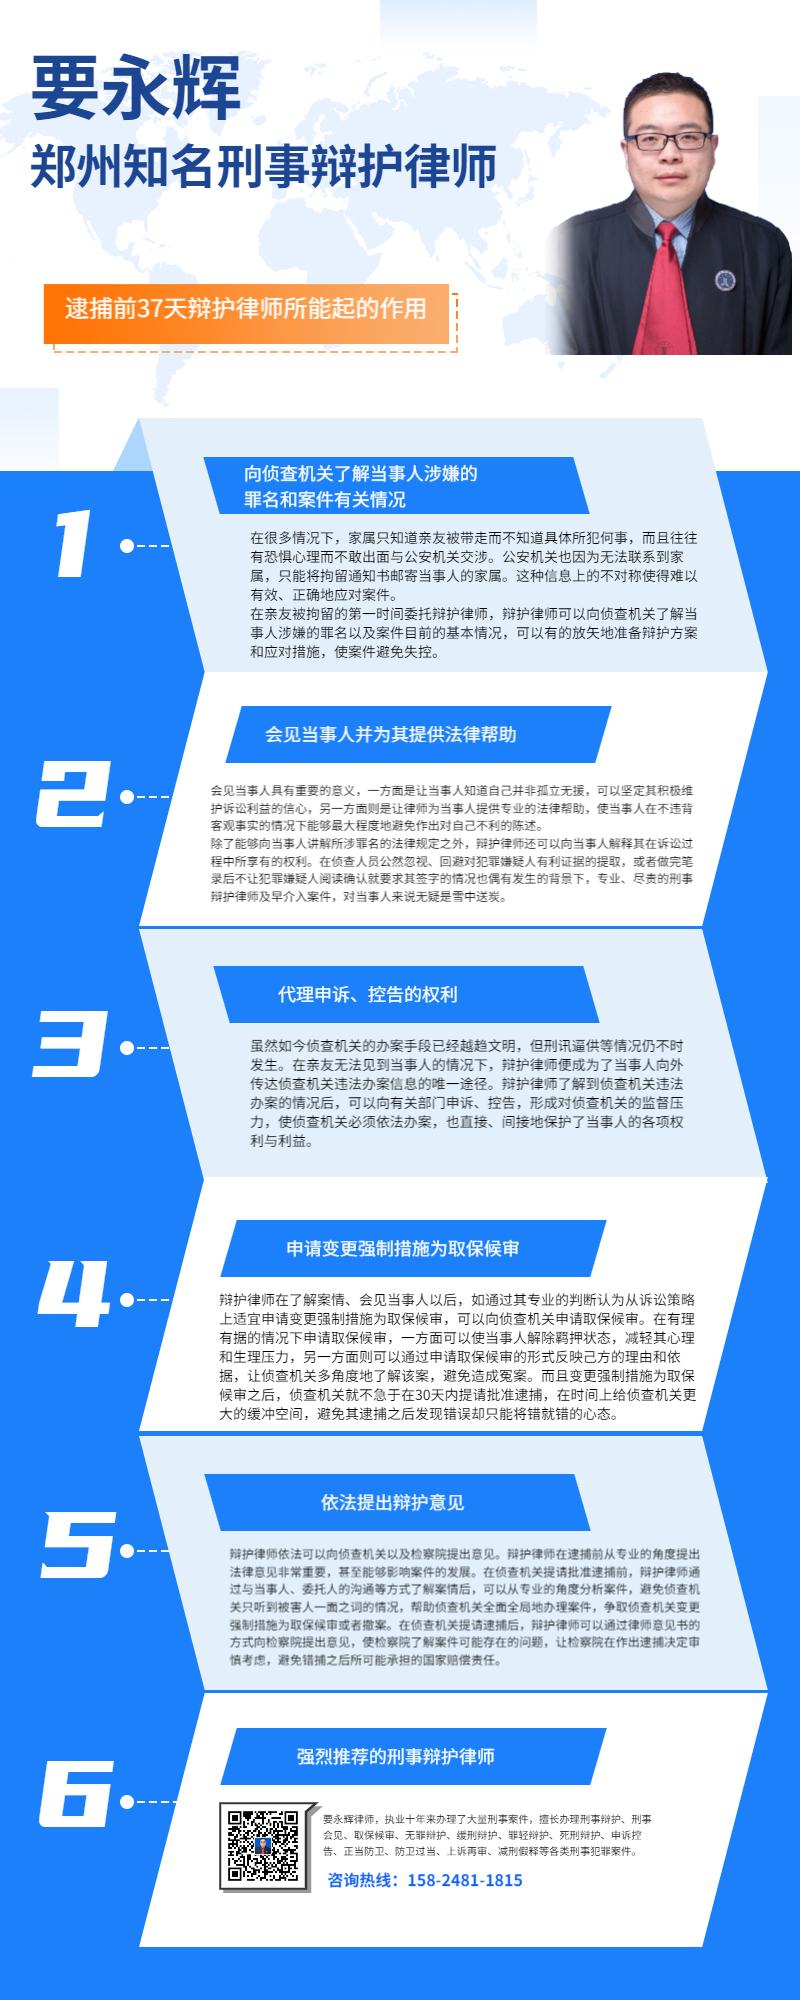 汝州看守所律师会见-推荐要永辉律师-擅长疑难复杂案件!